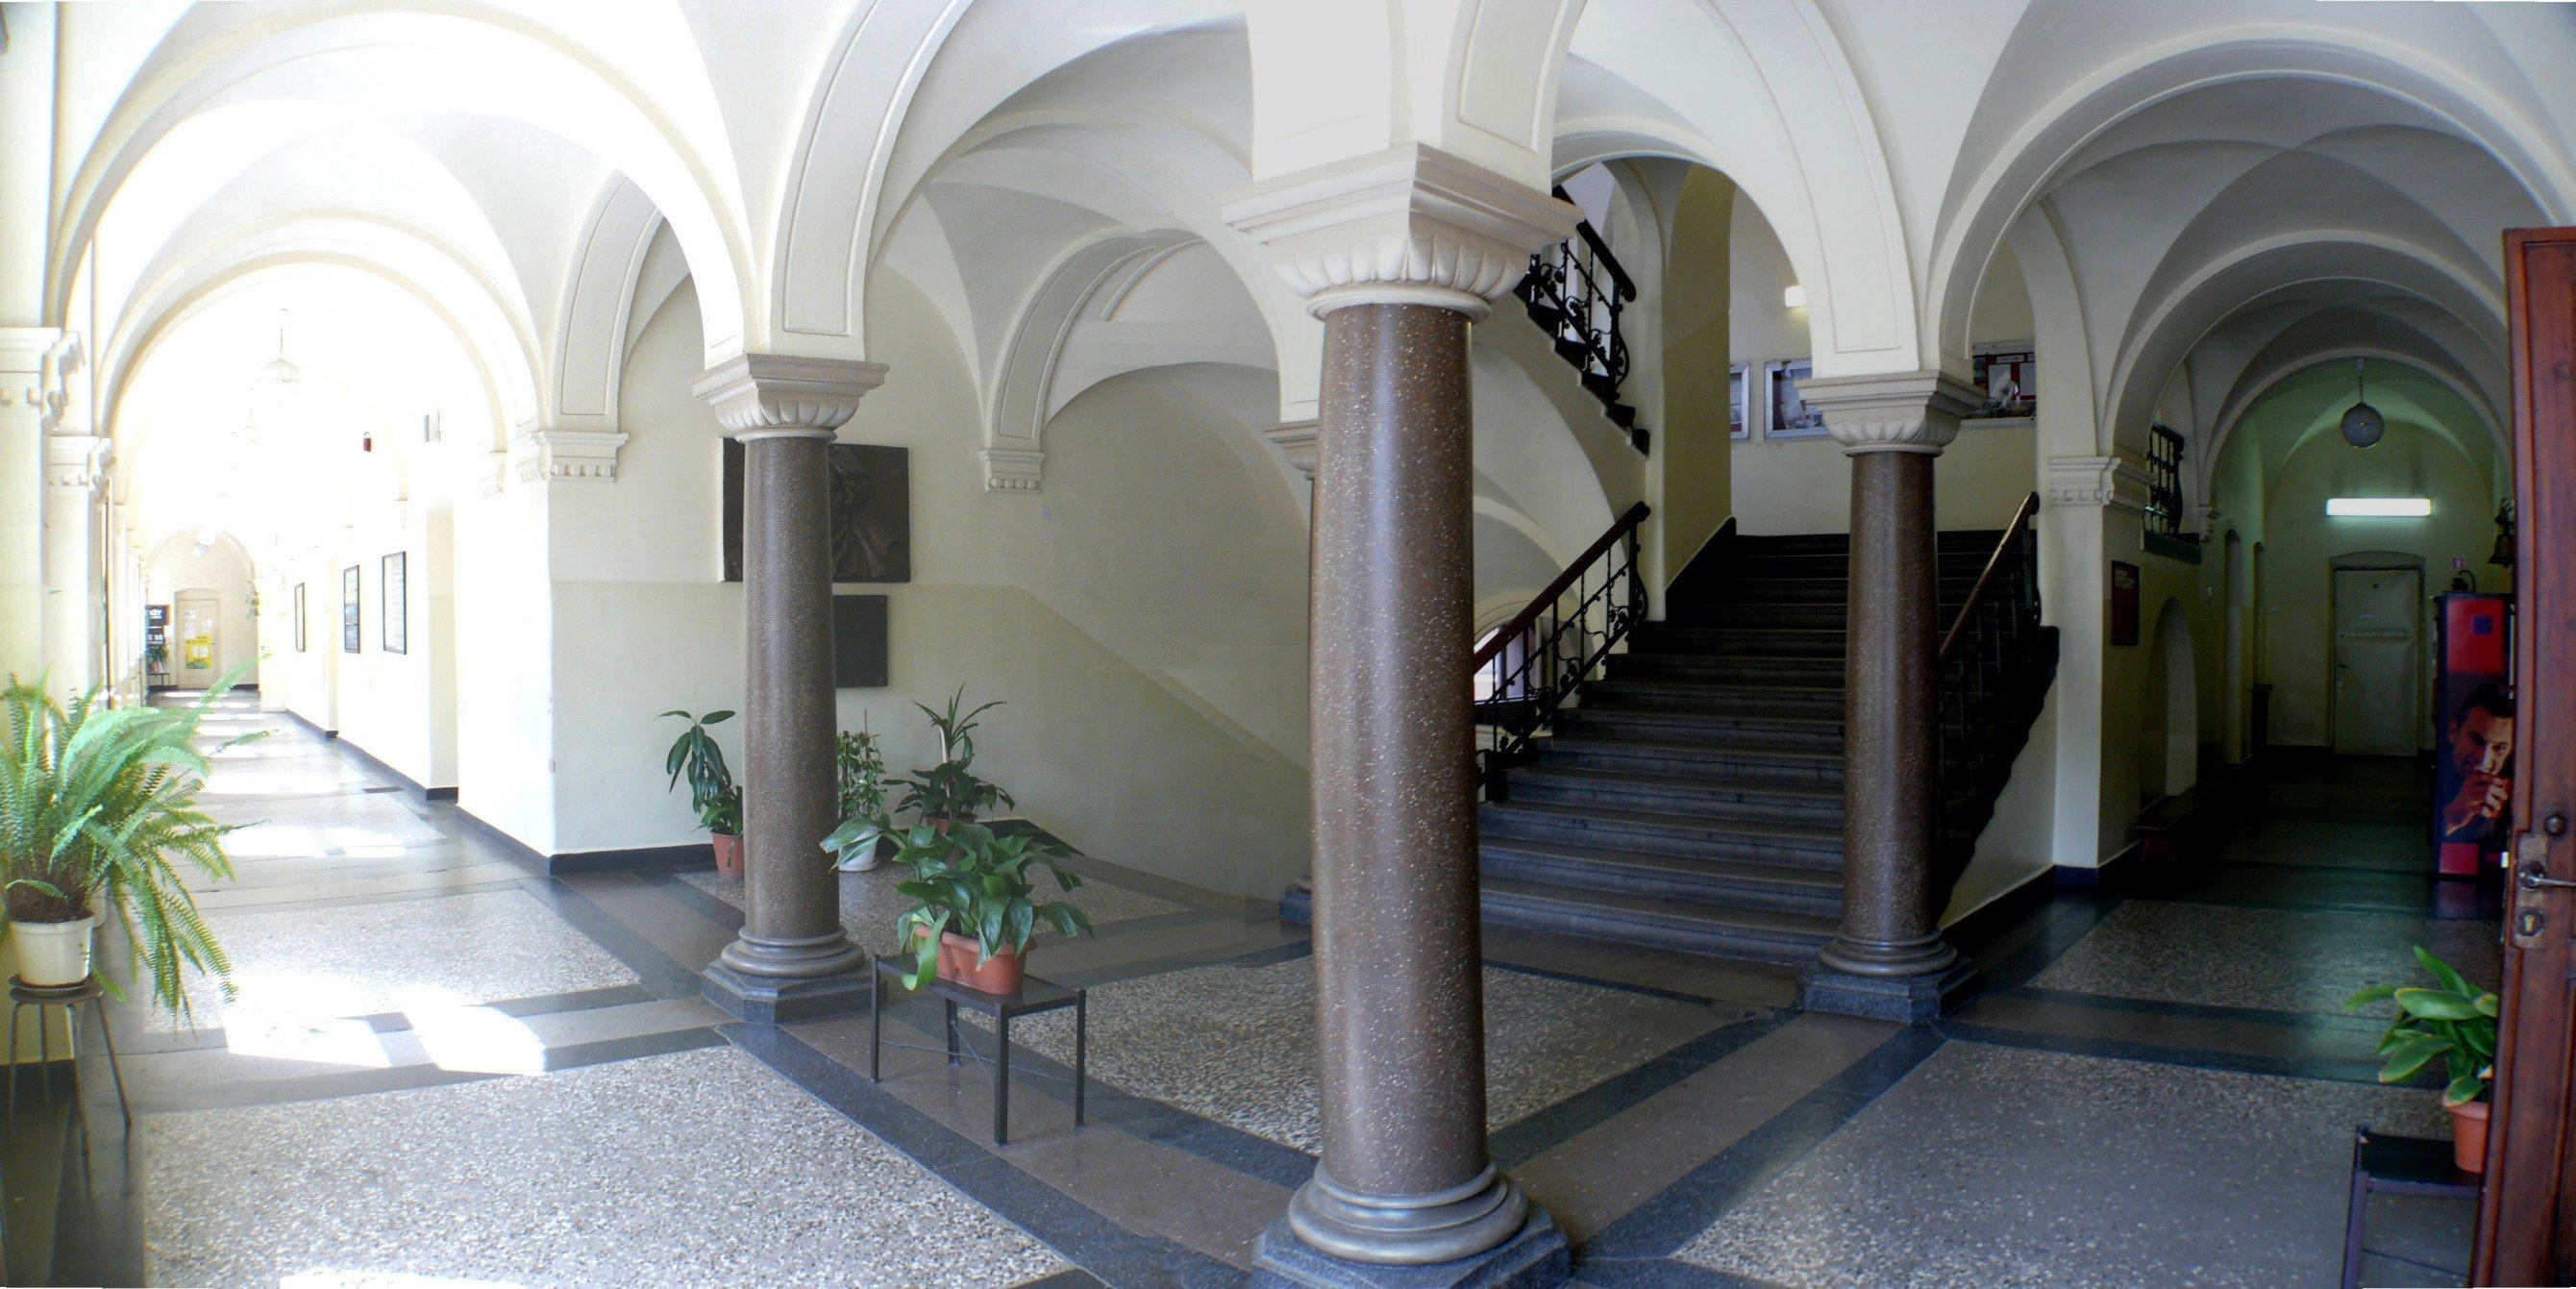 7parterGimnazjumKatowice